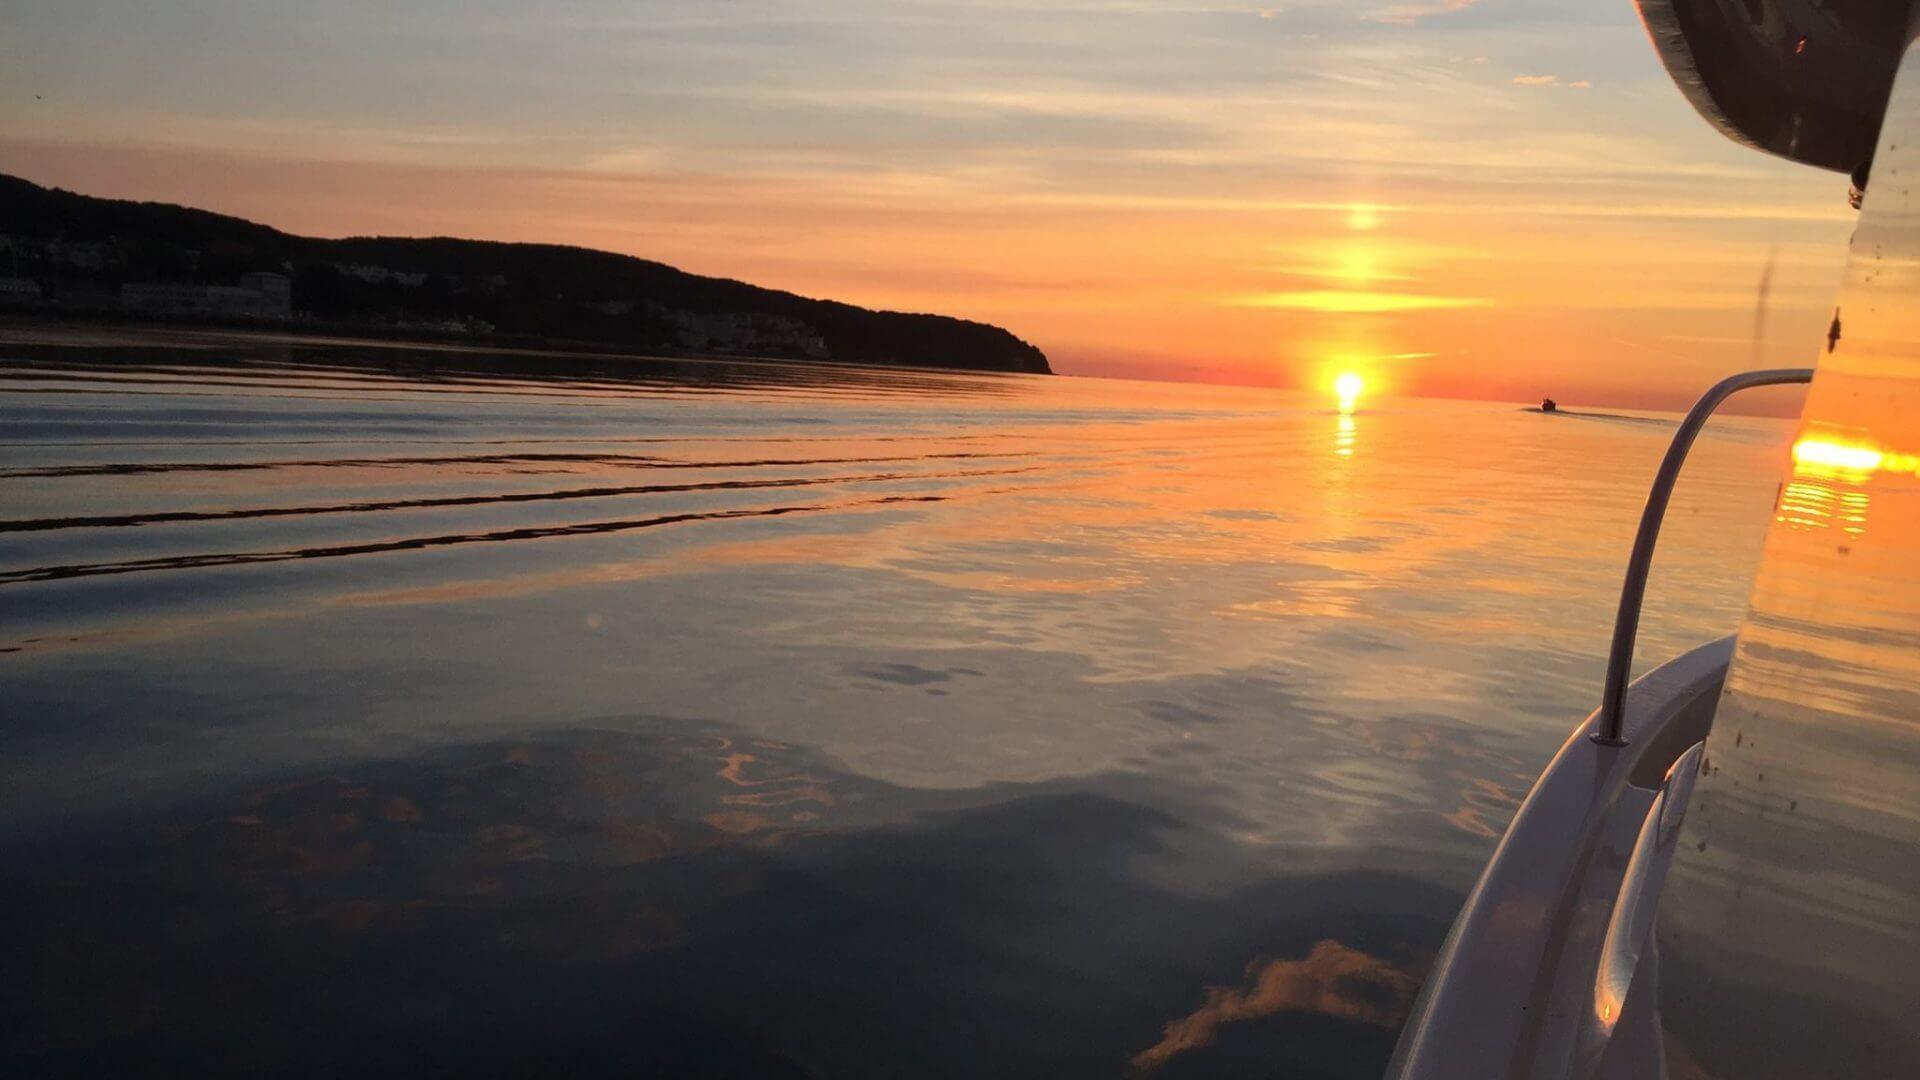 Sonnenuntergang beim Dorschangeln